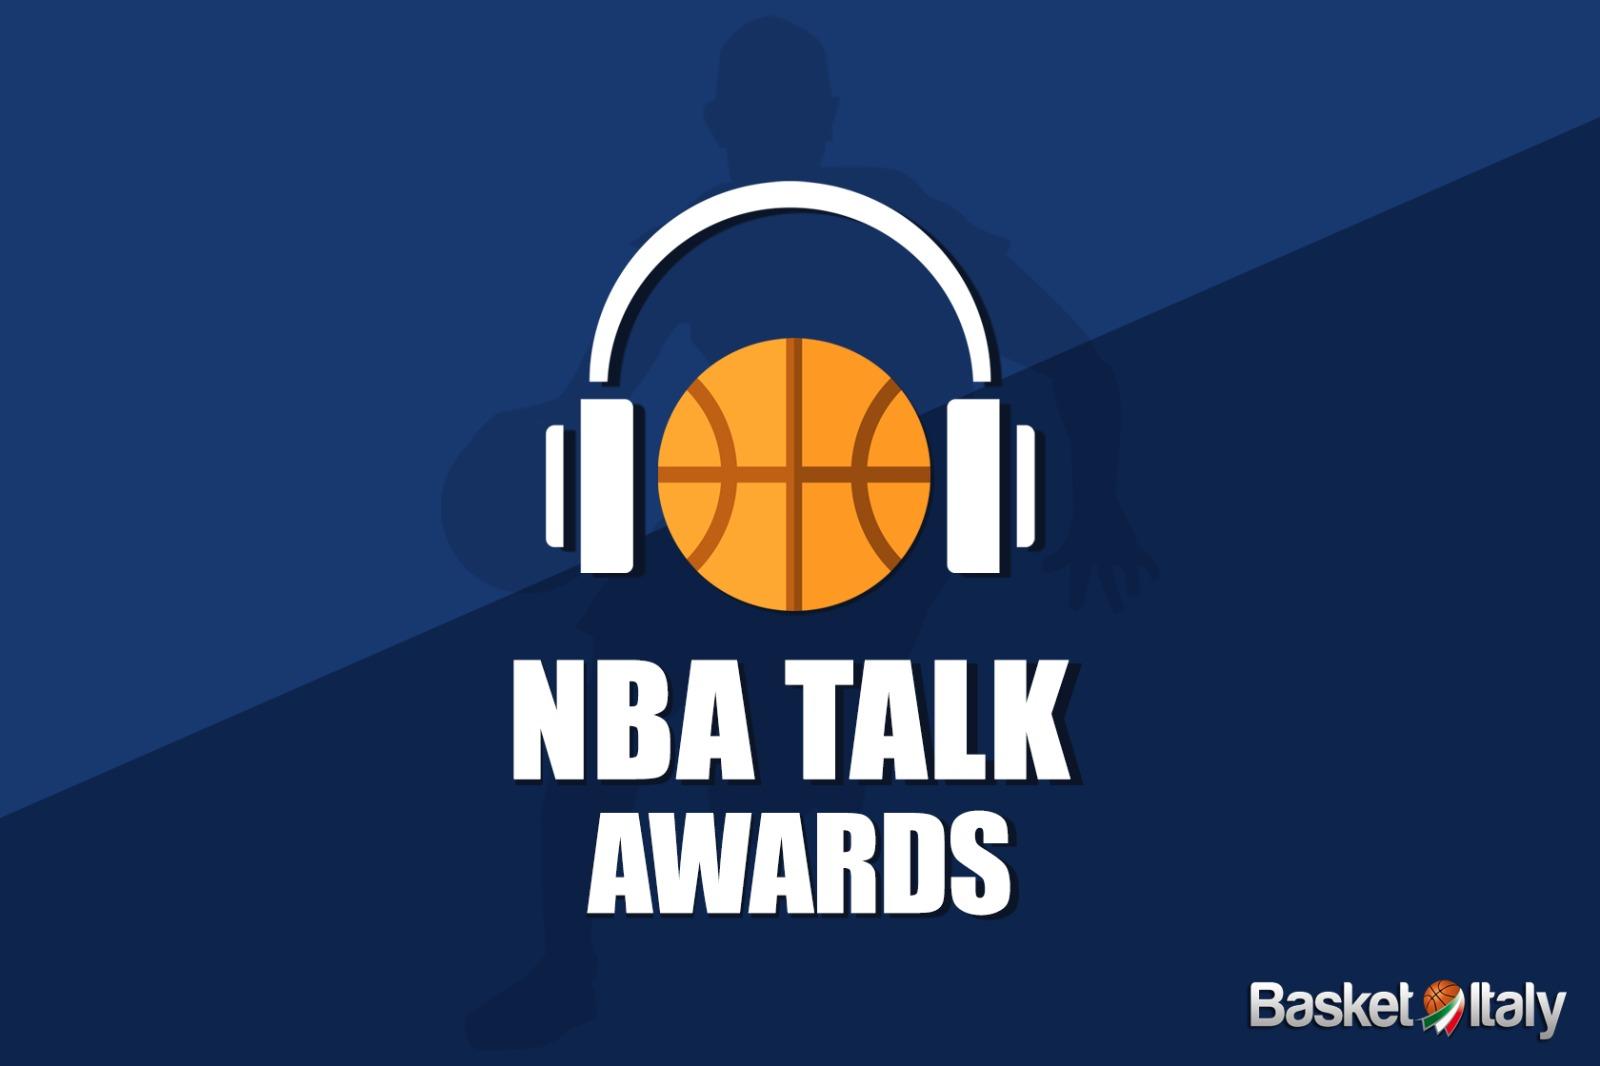 NBA Talk: ecco la prima edizione degli NBA Talk Awards!